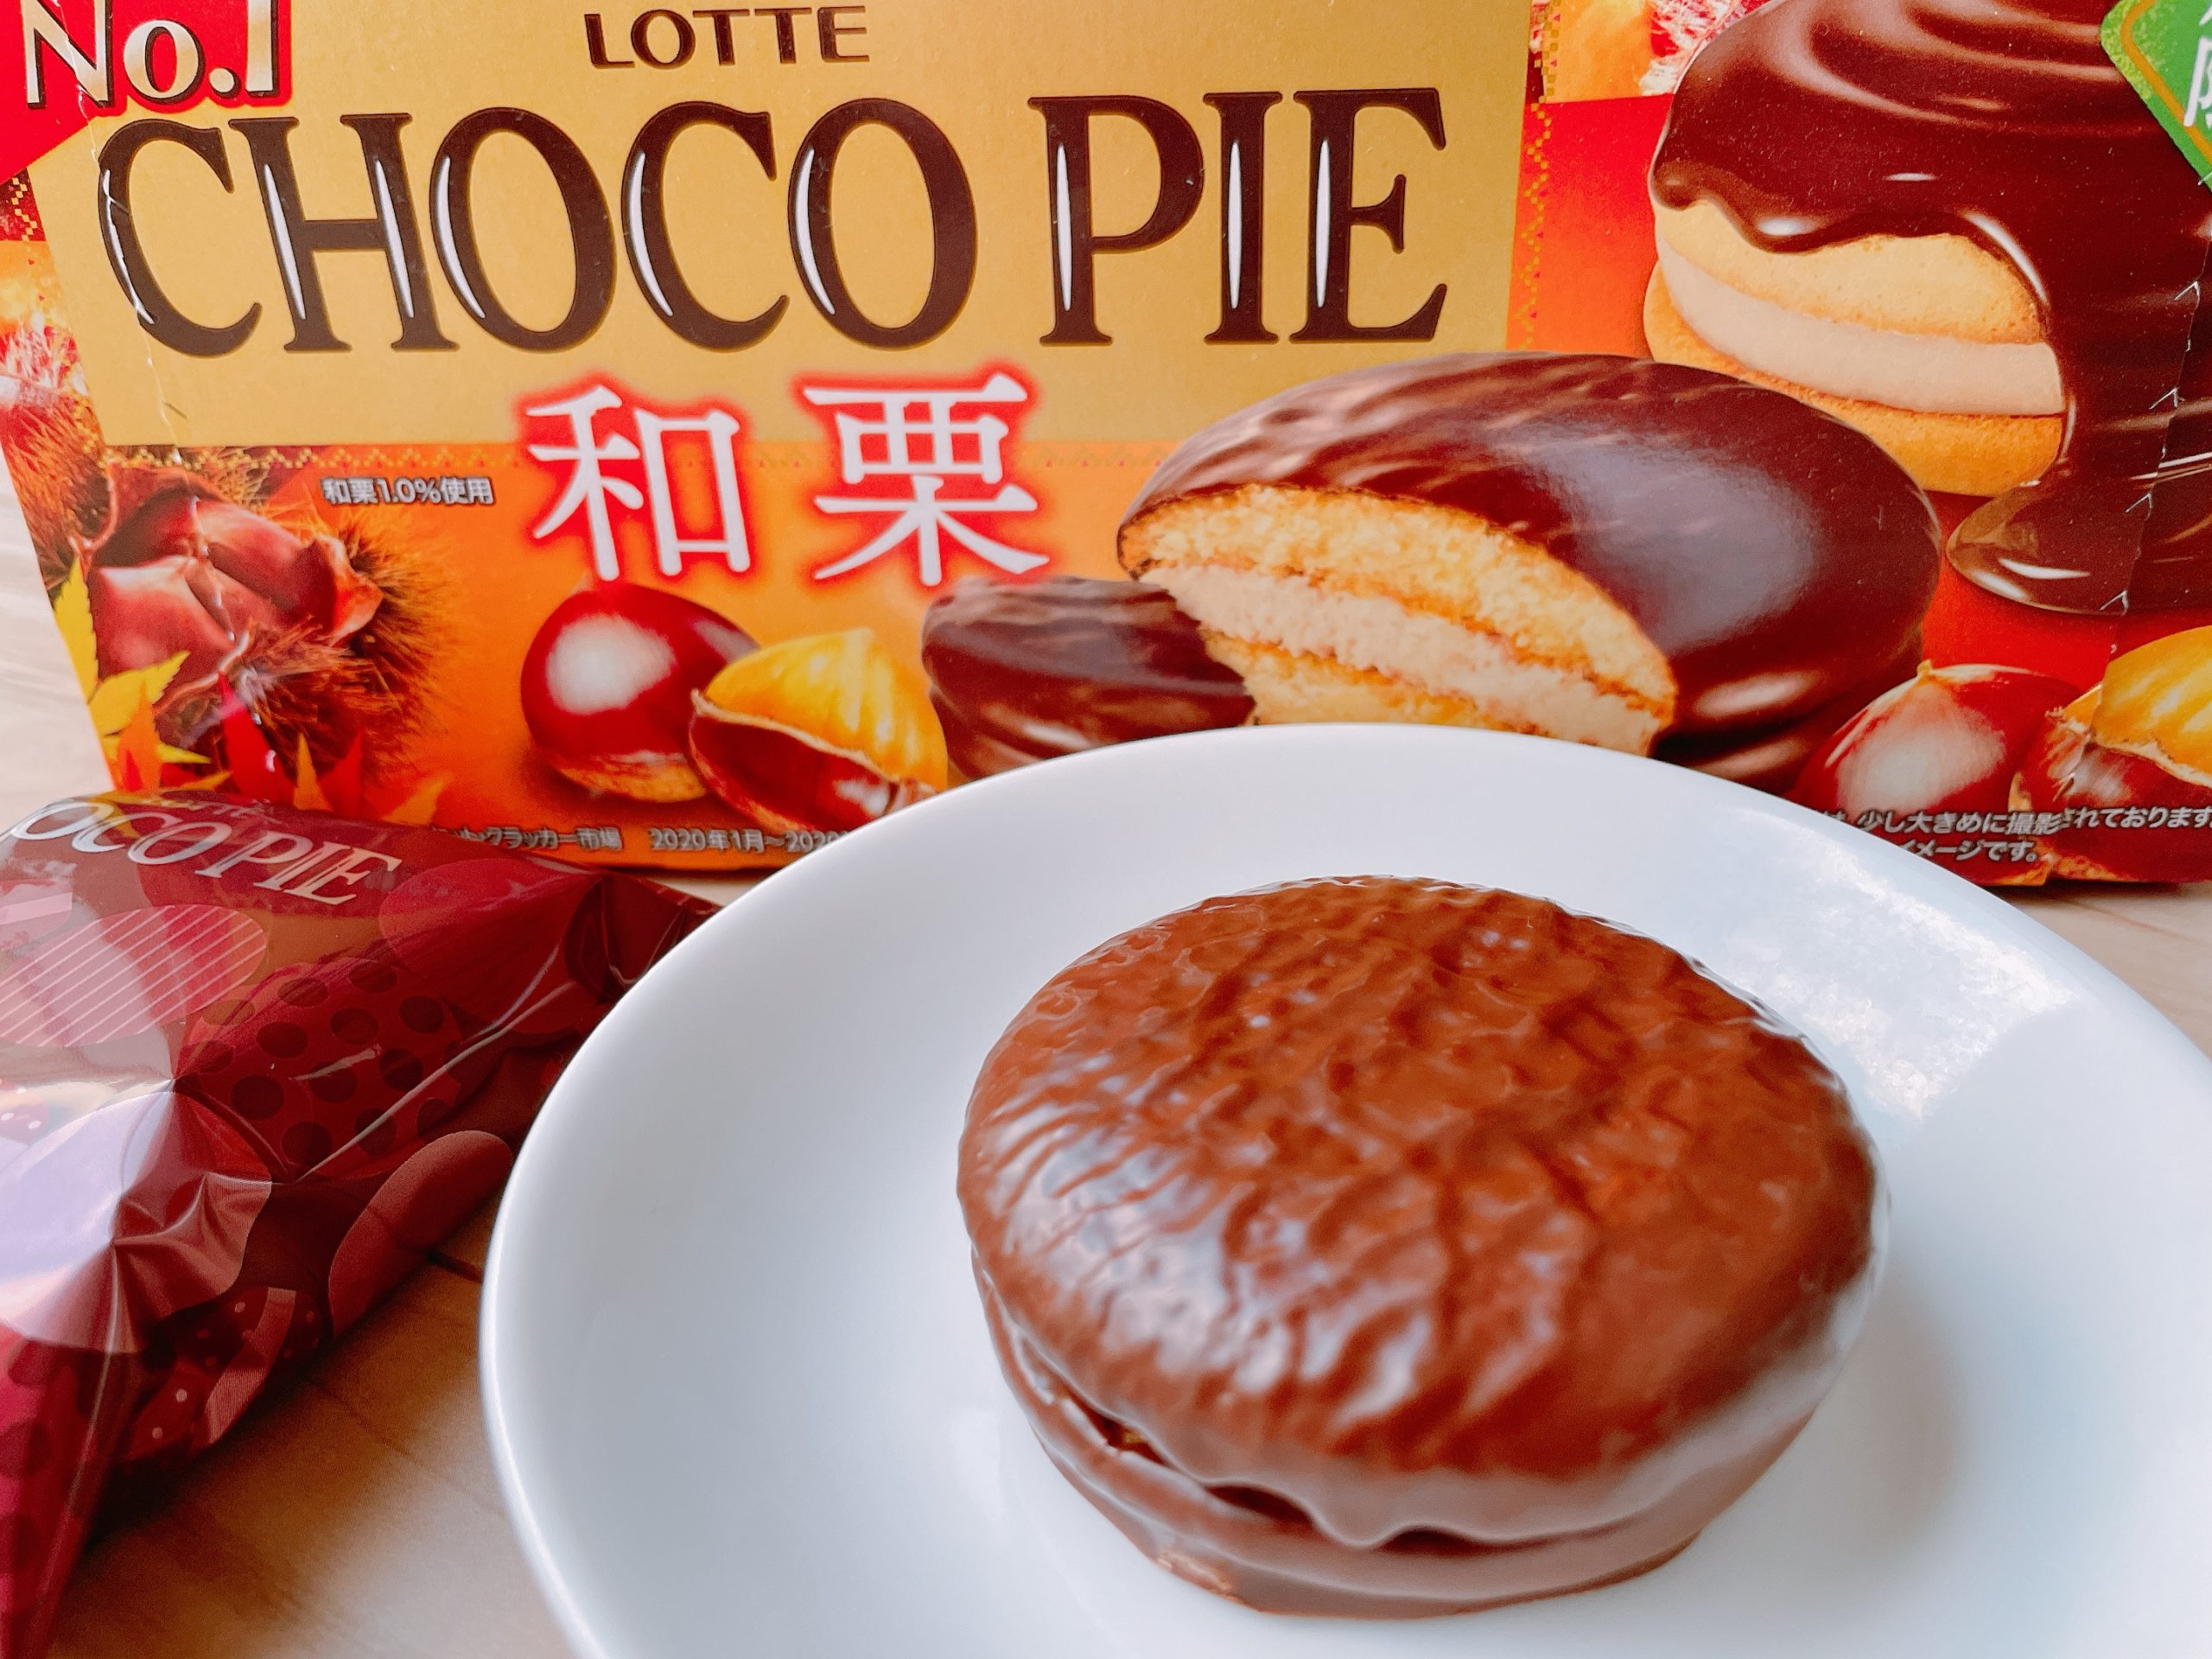 チョコパイ<和栗>優しいが形になった和栗